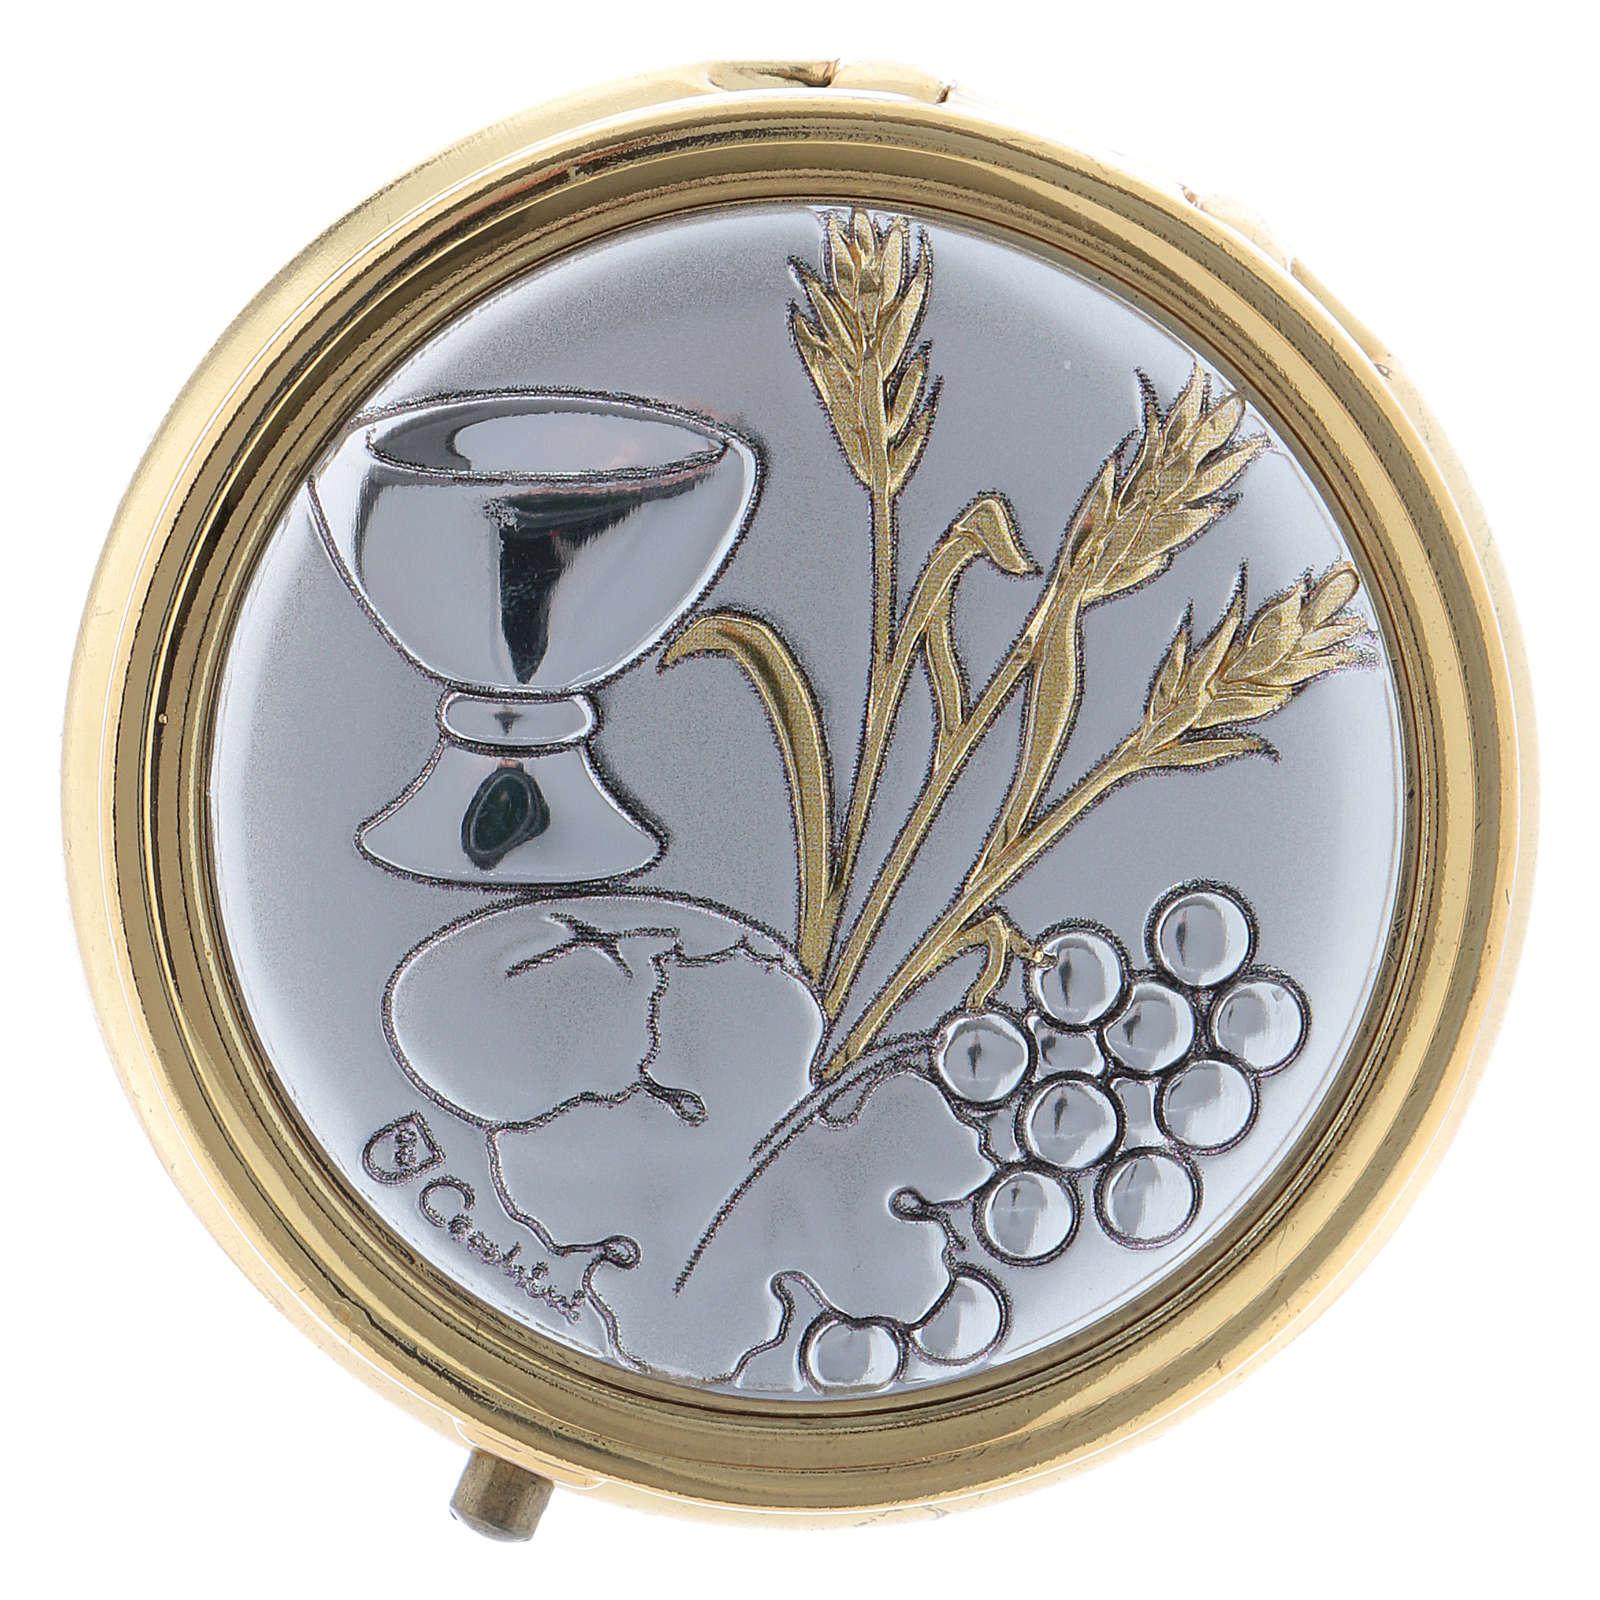 Portaostia spiga, grano calice e uva in metallo placca alluminio 5 cm 3